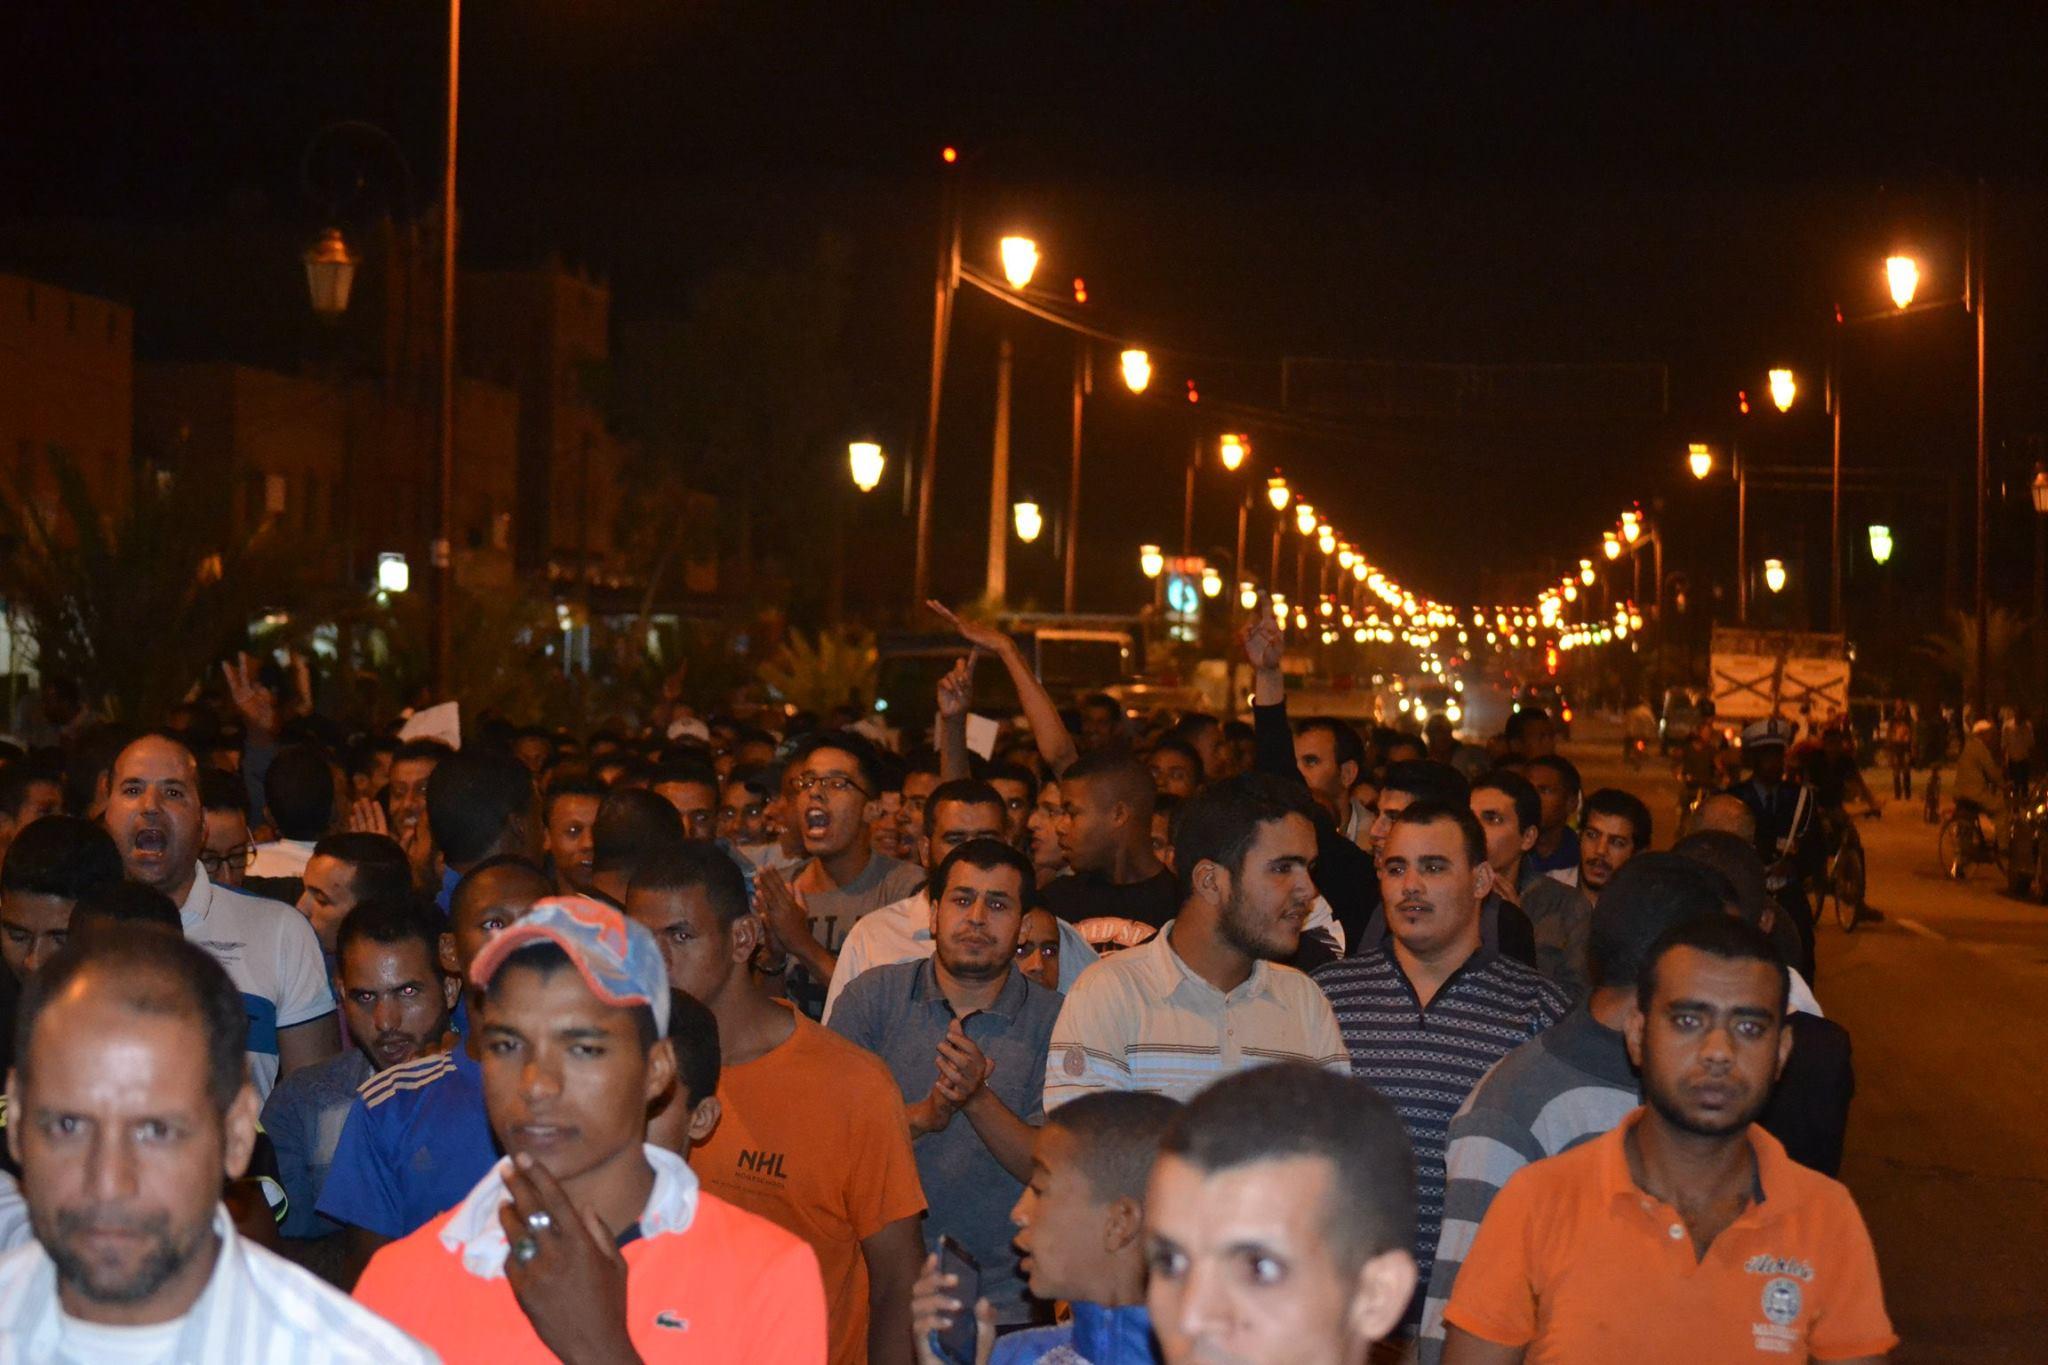 زاكورة .تنظيم مسيرة تنديدا بجريمة قتل الشهيد محسن فكري النكراء بالحسيمة-2